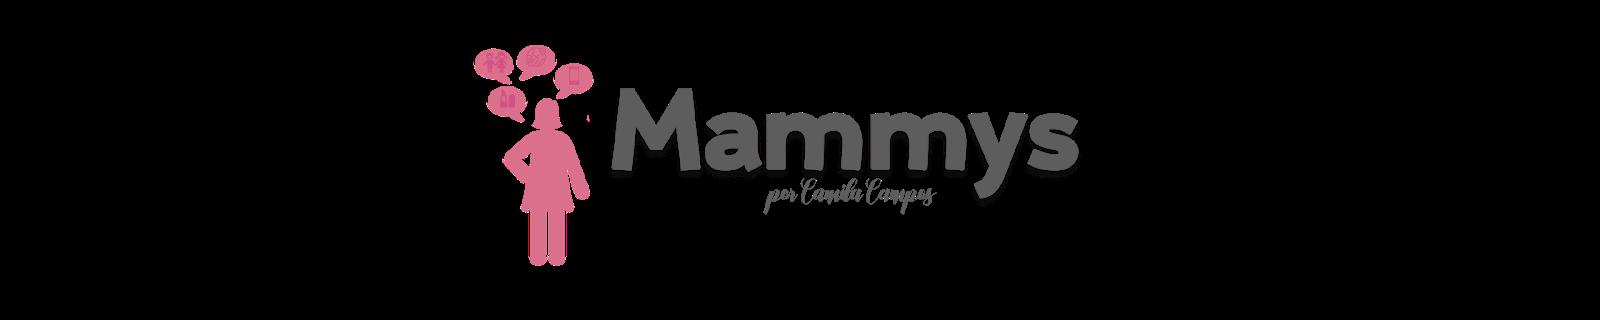 Mammys